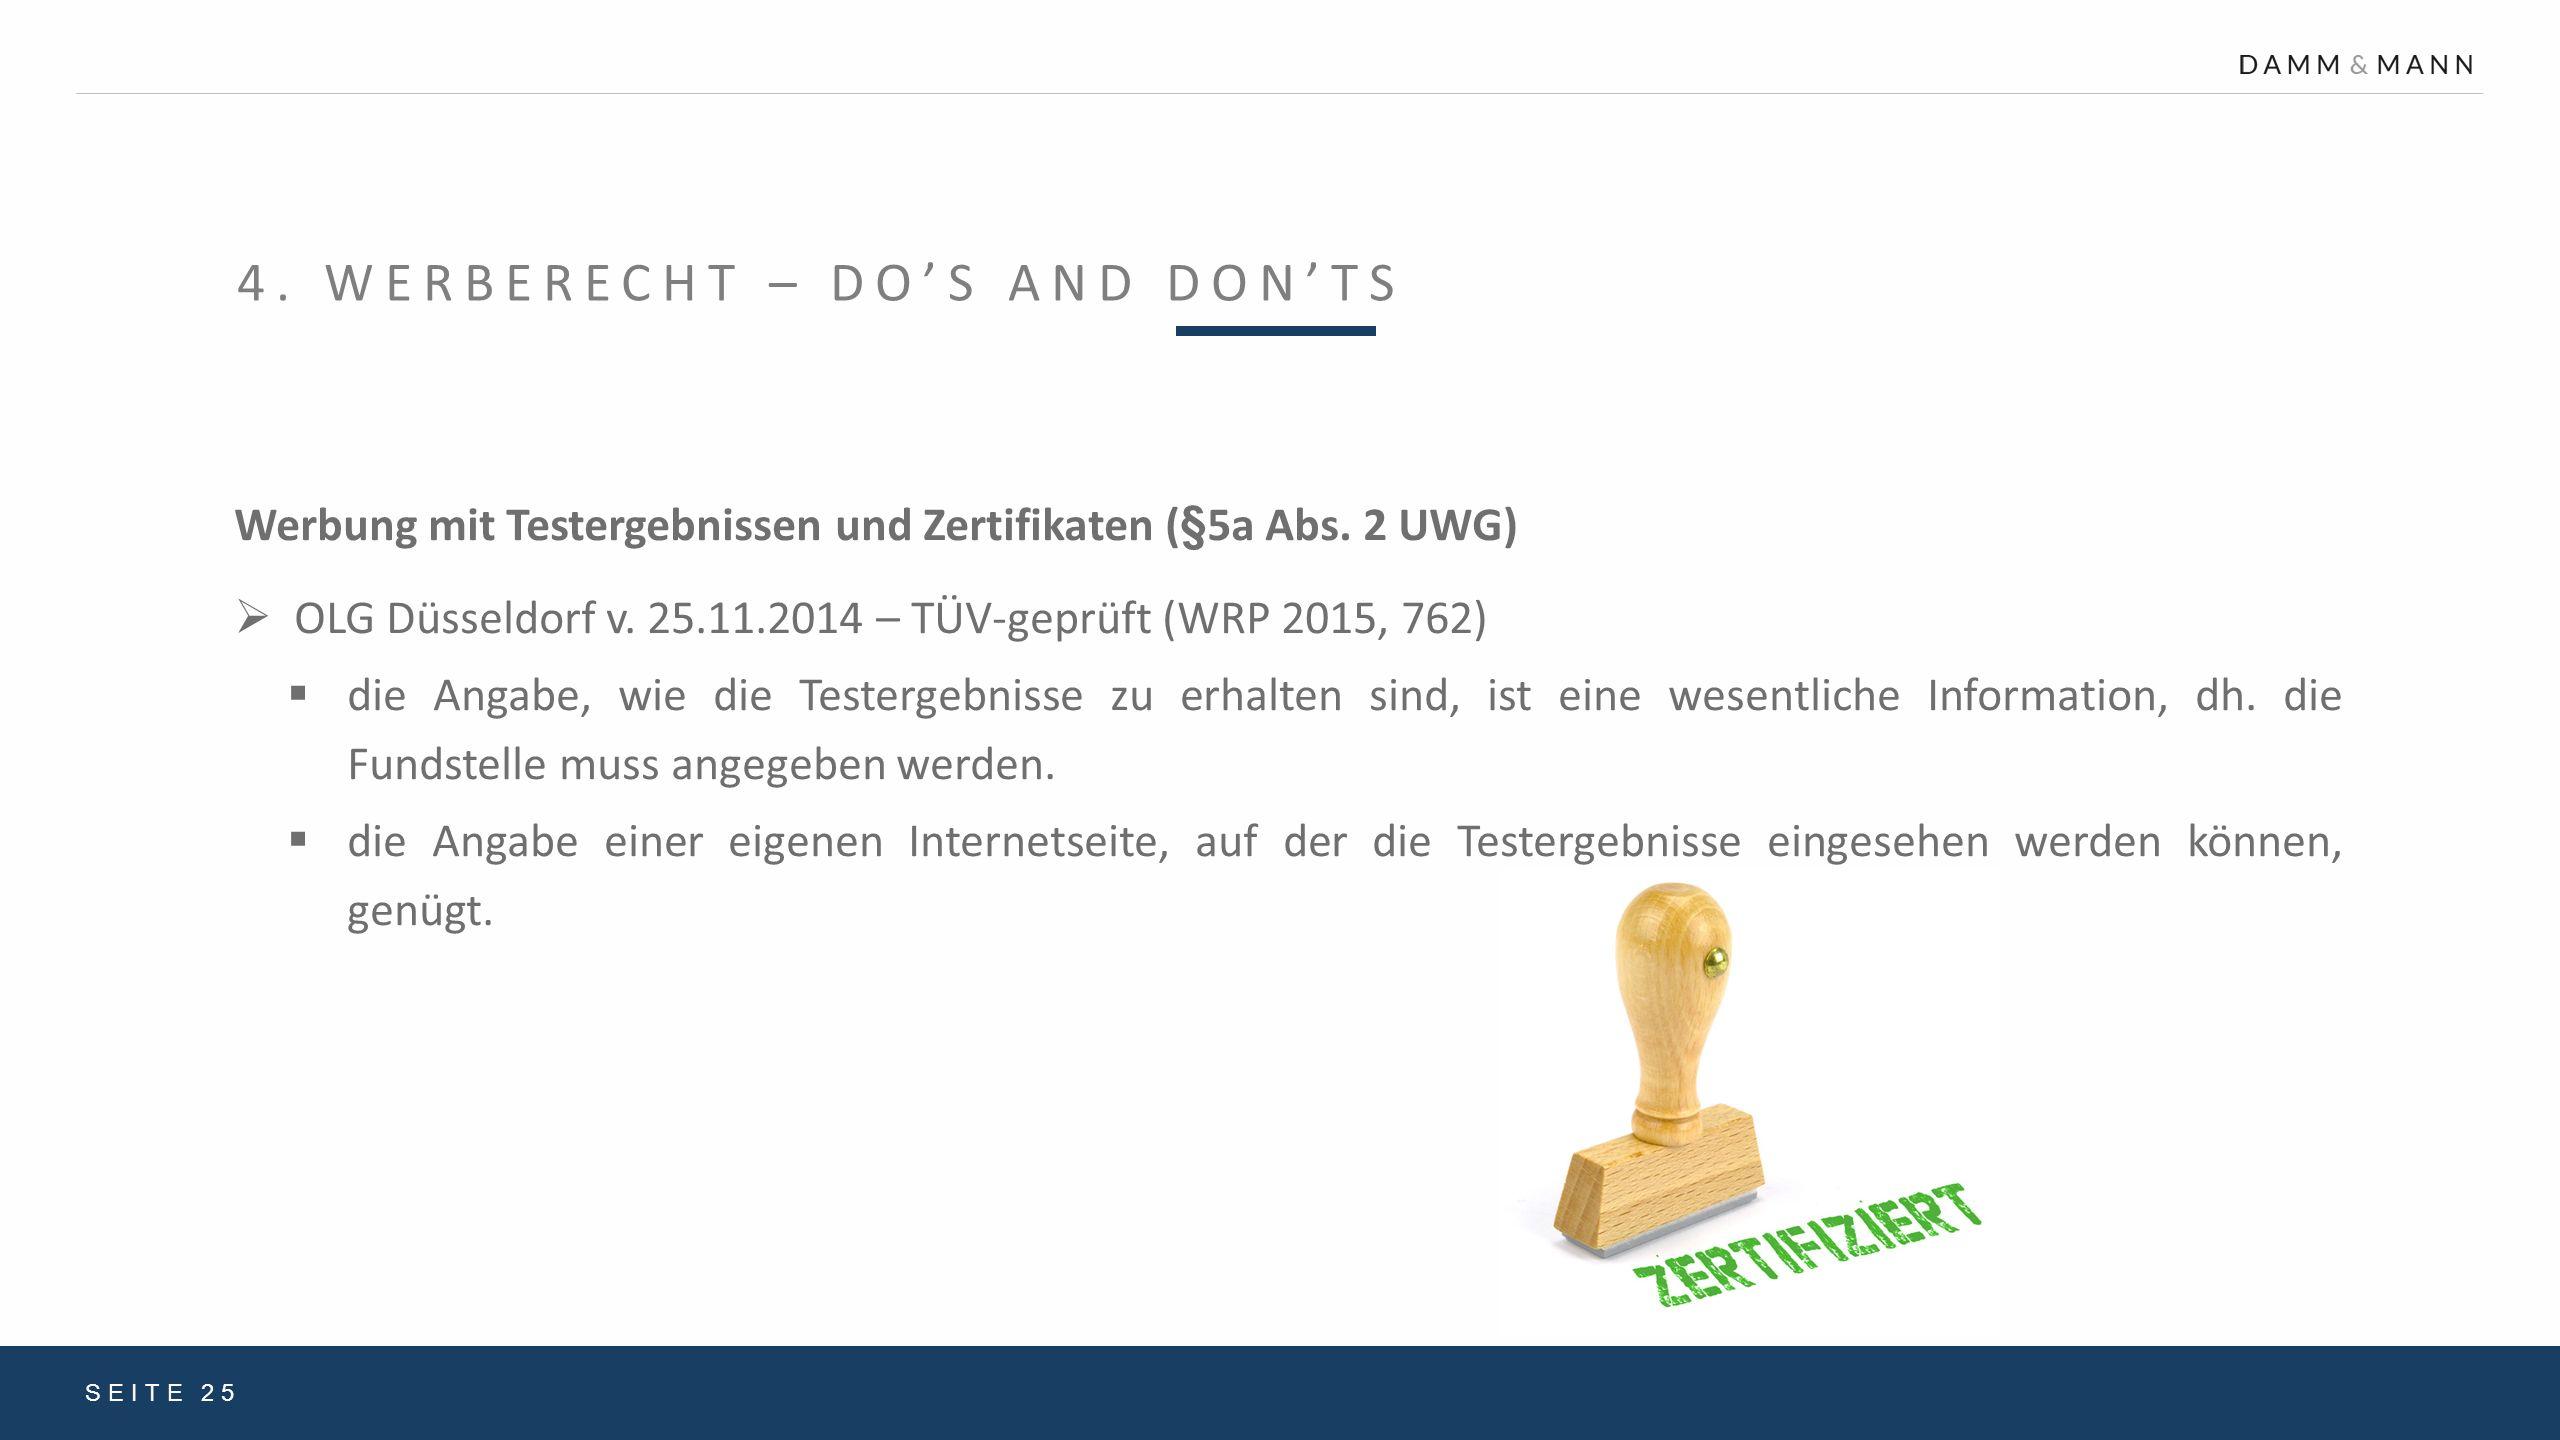 4. WERBERECHT – DO'S AND DON'TS SEITE 25 Werbung mit Testergebnissen und Zertifikaten (§5a Abs. 2 UWG)  OLG Düsseldorf v. 25.11.2014 – TÜV-geprüft (W